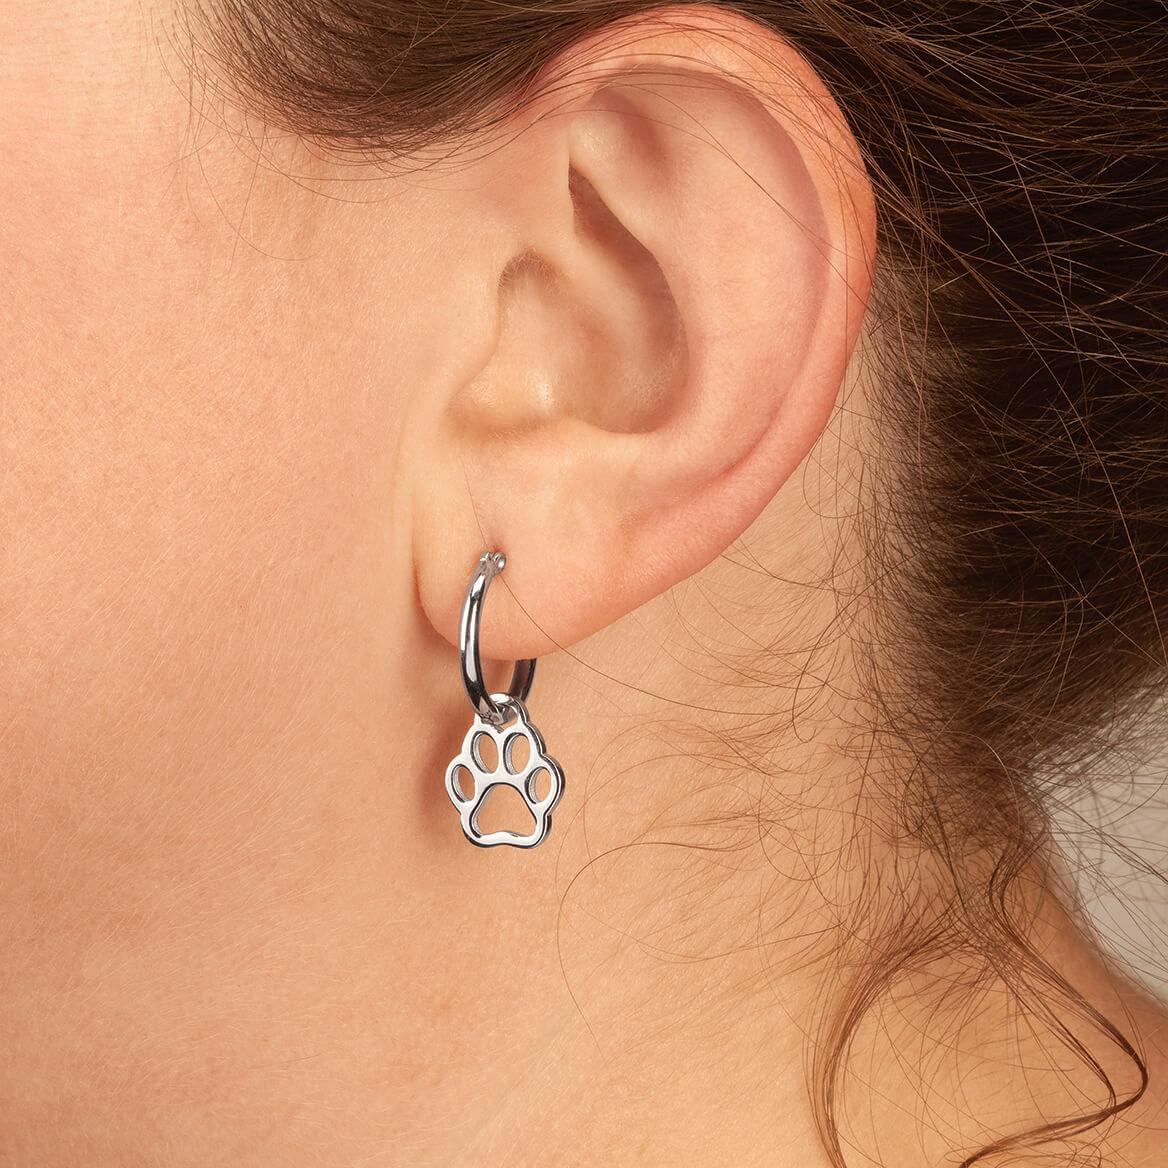 Paw Print Charm on Hoop Earrings-368669